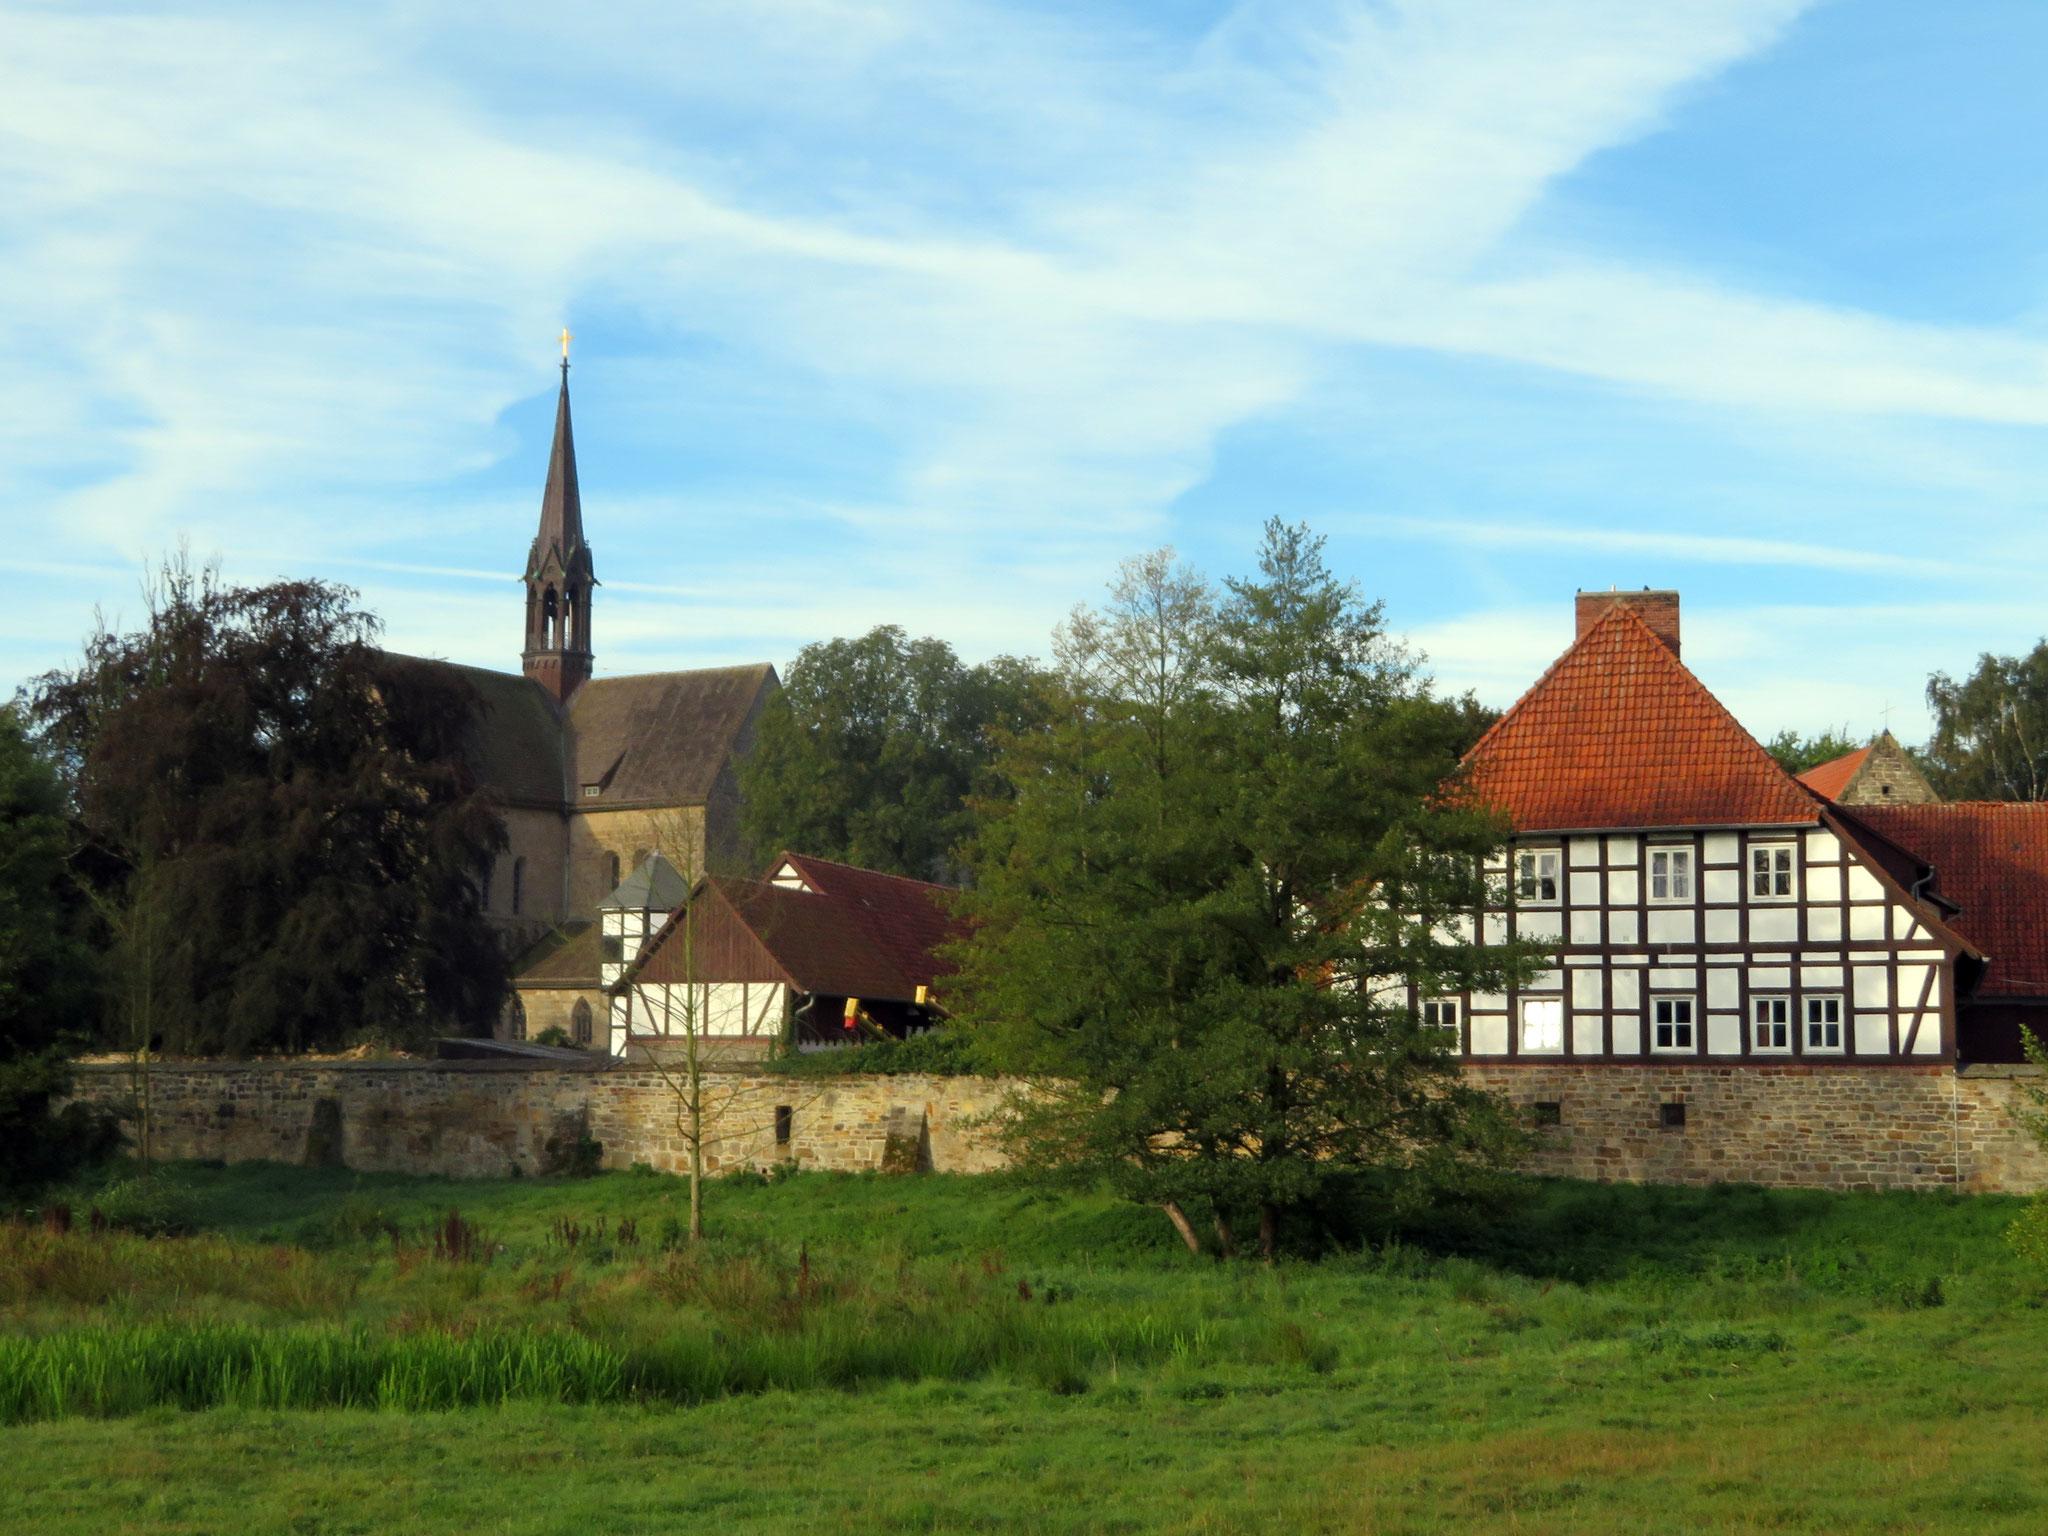 Kloster Loccum - Kirche, Gut und Mauer